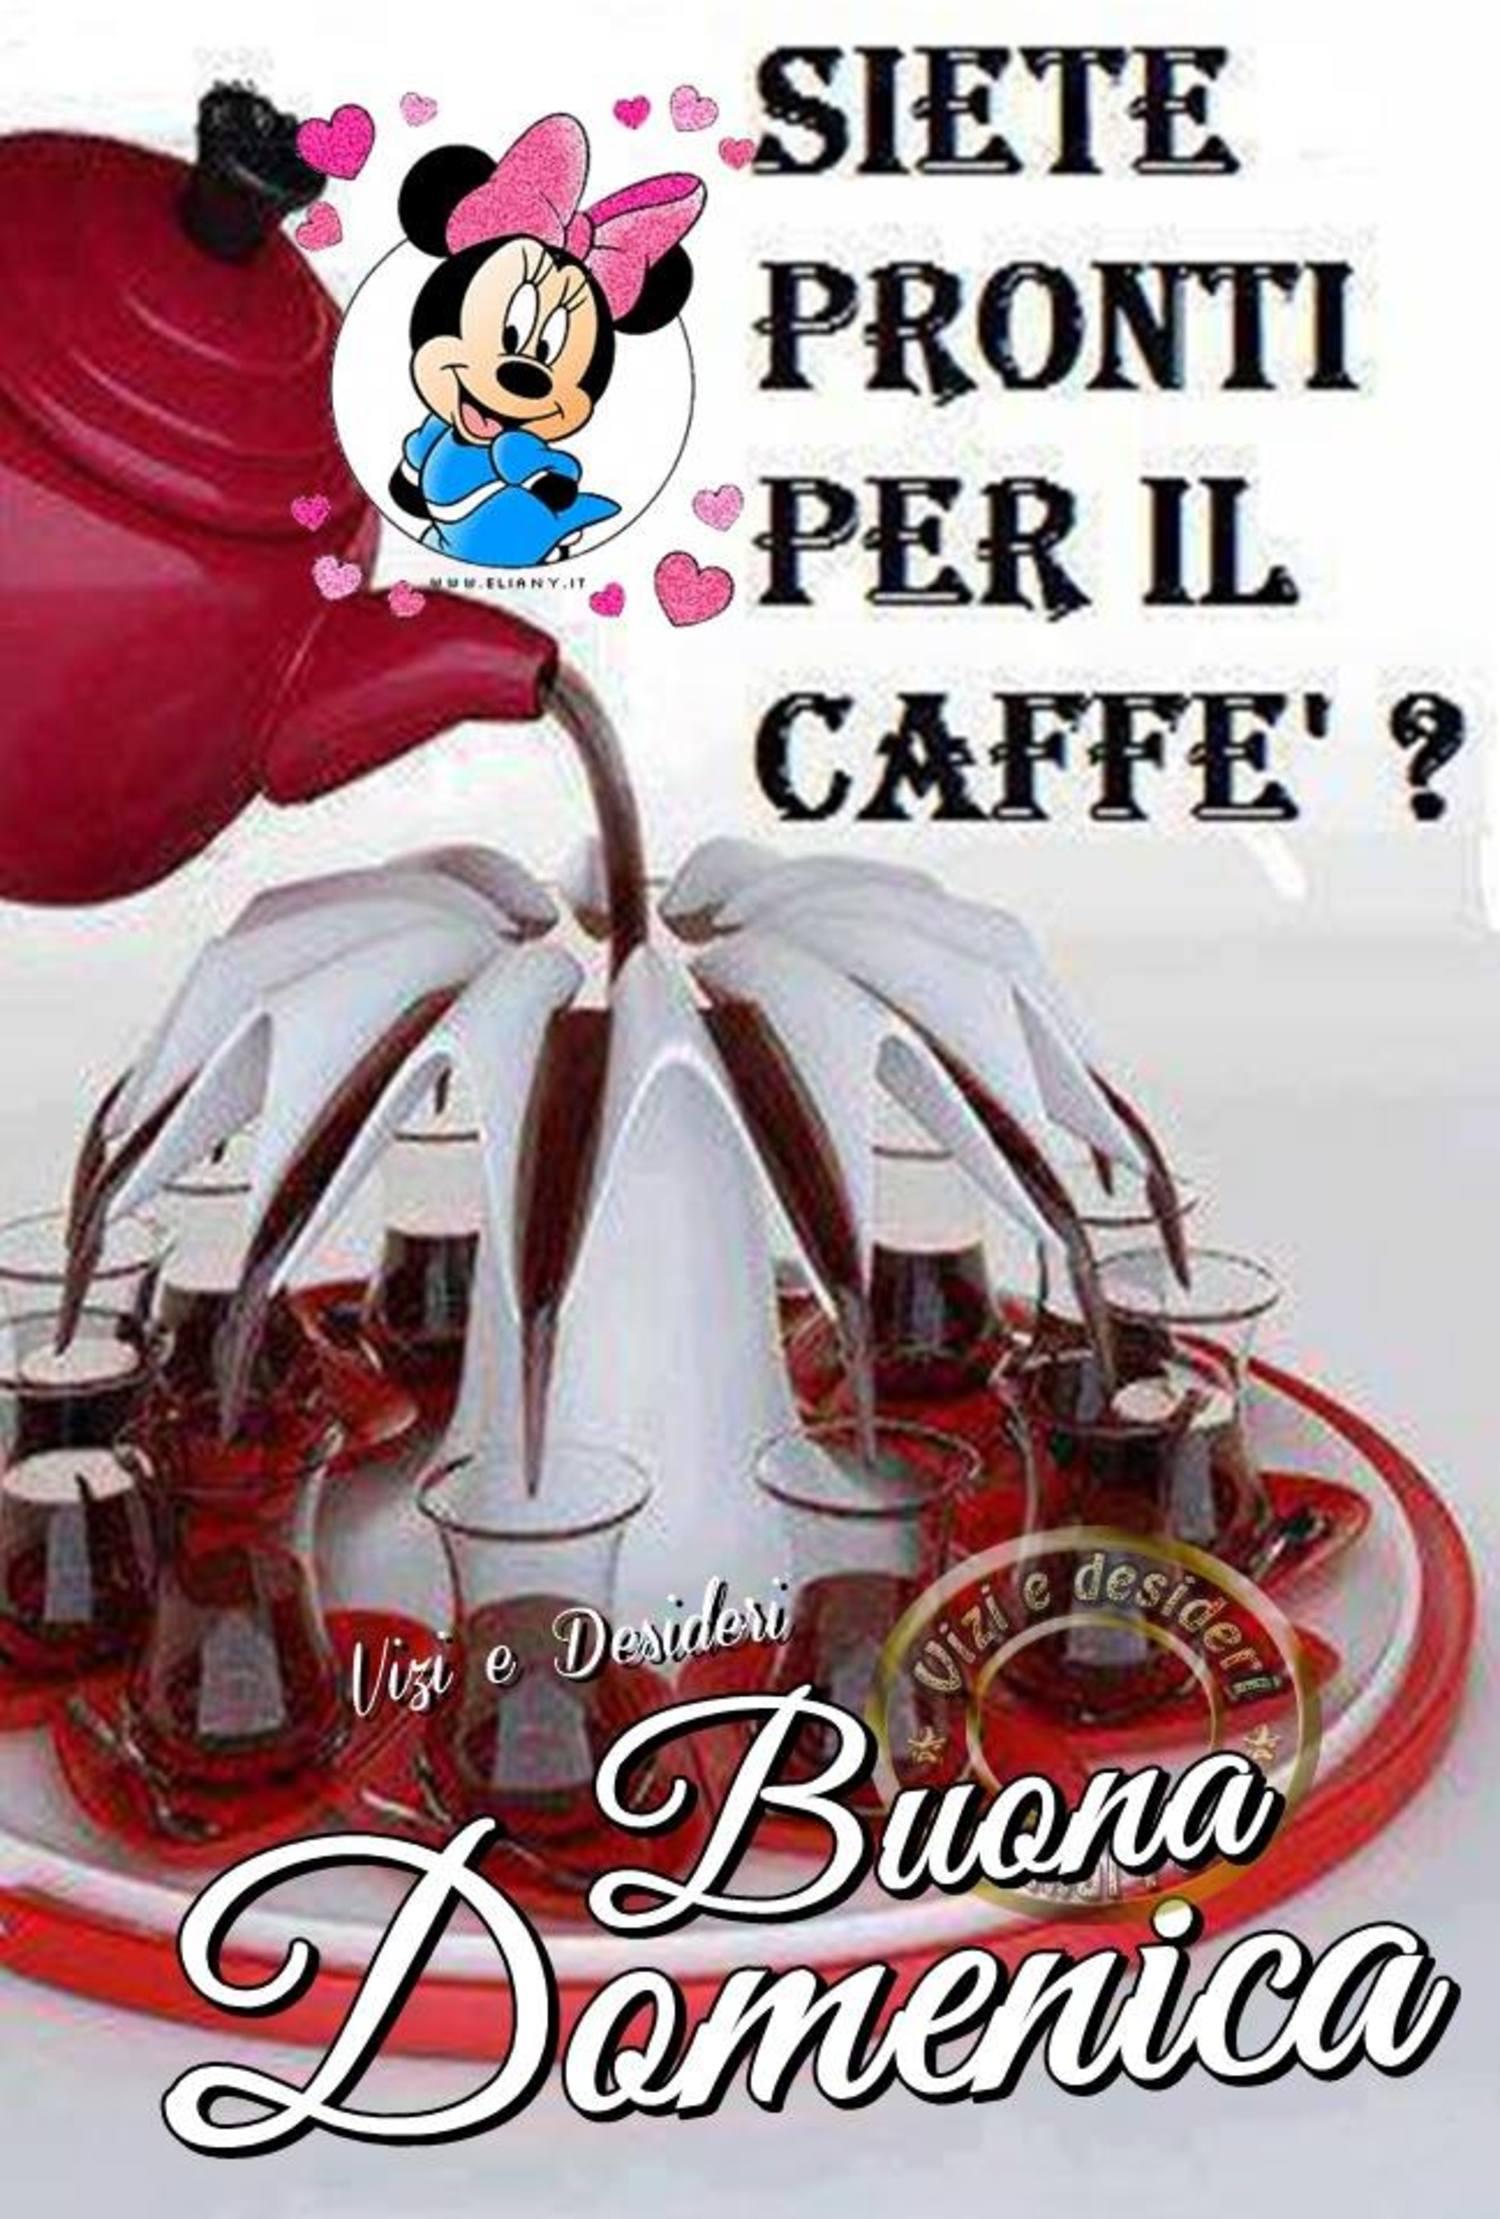 Buona Domenica caffè 97